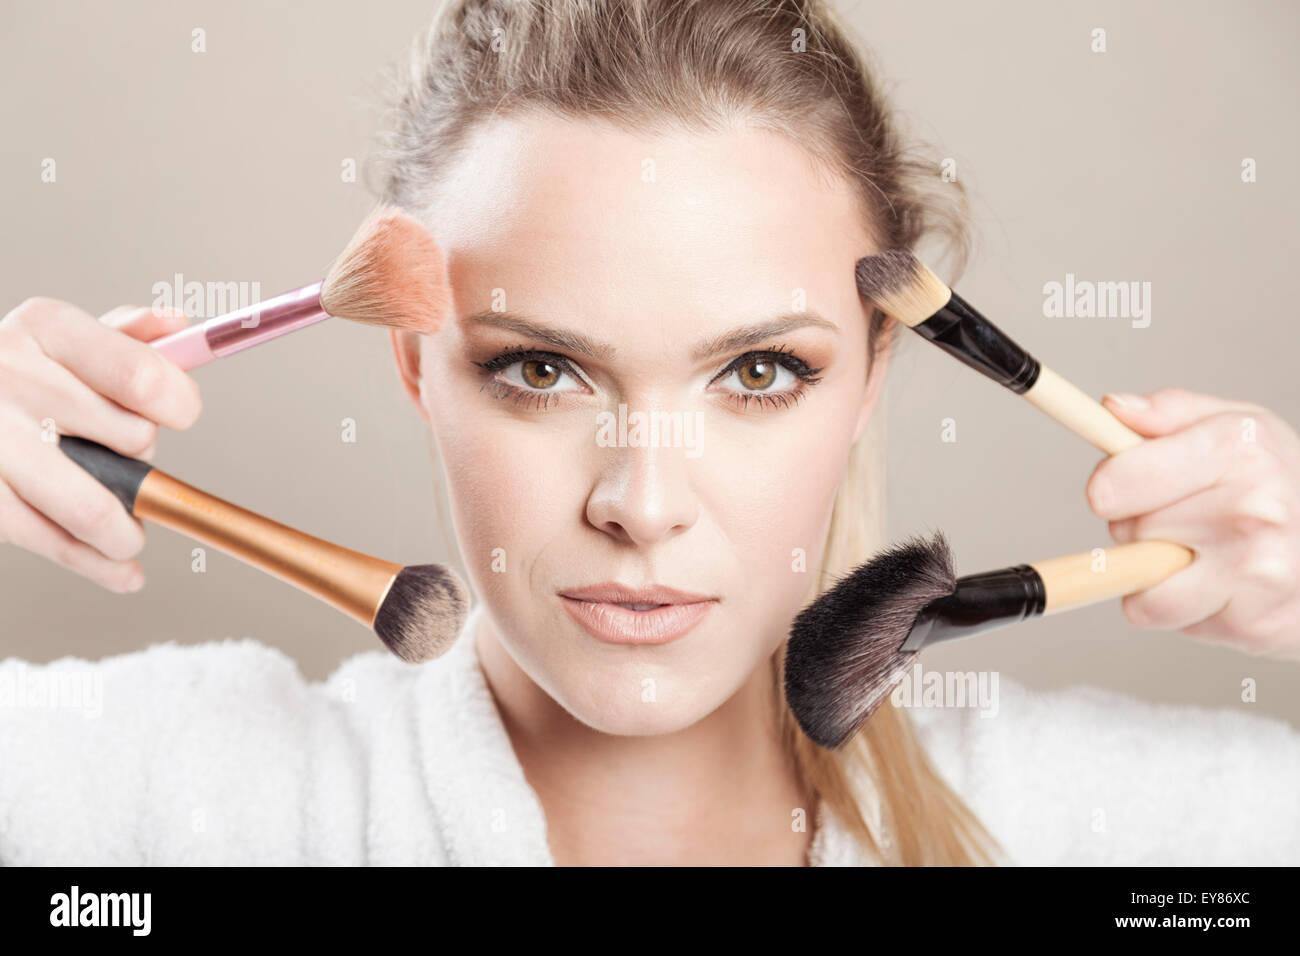 Mujer joven sujetando brochas de maquillaje Imagen De Stock